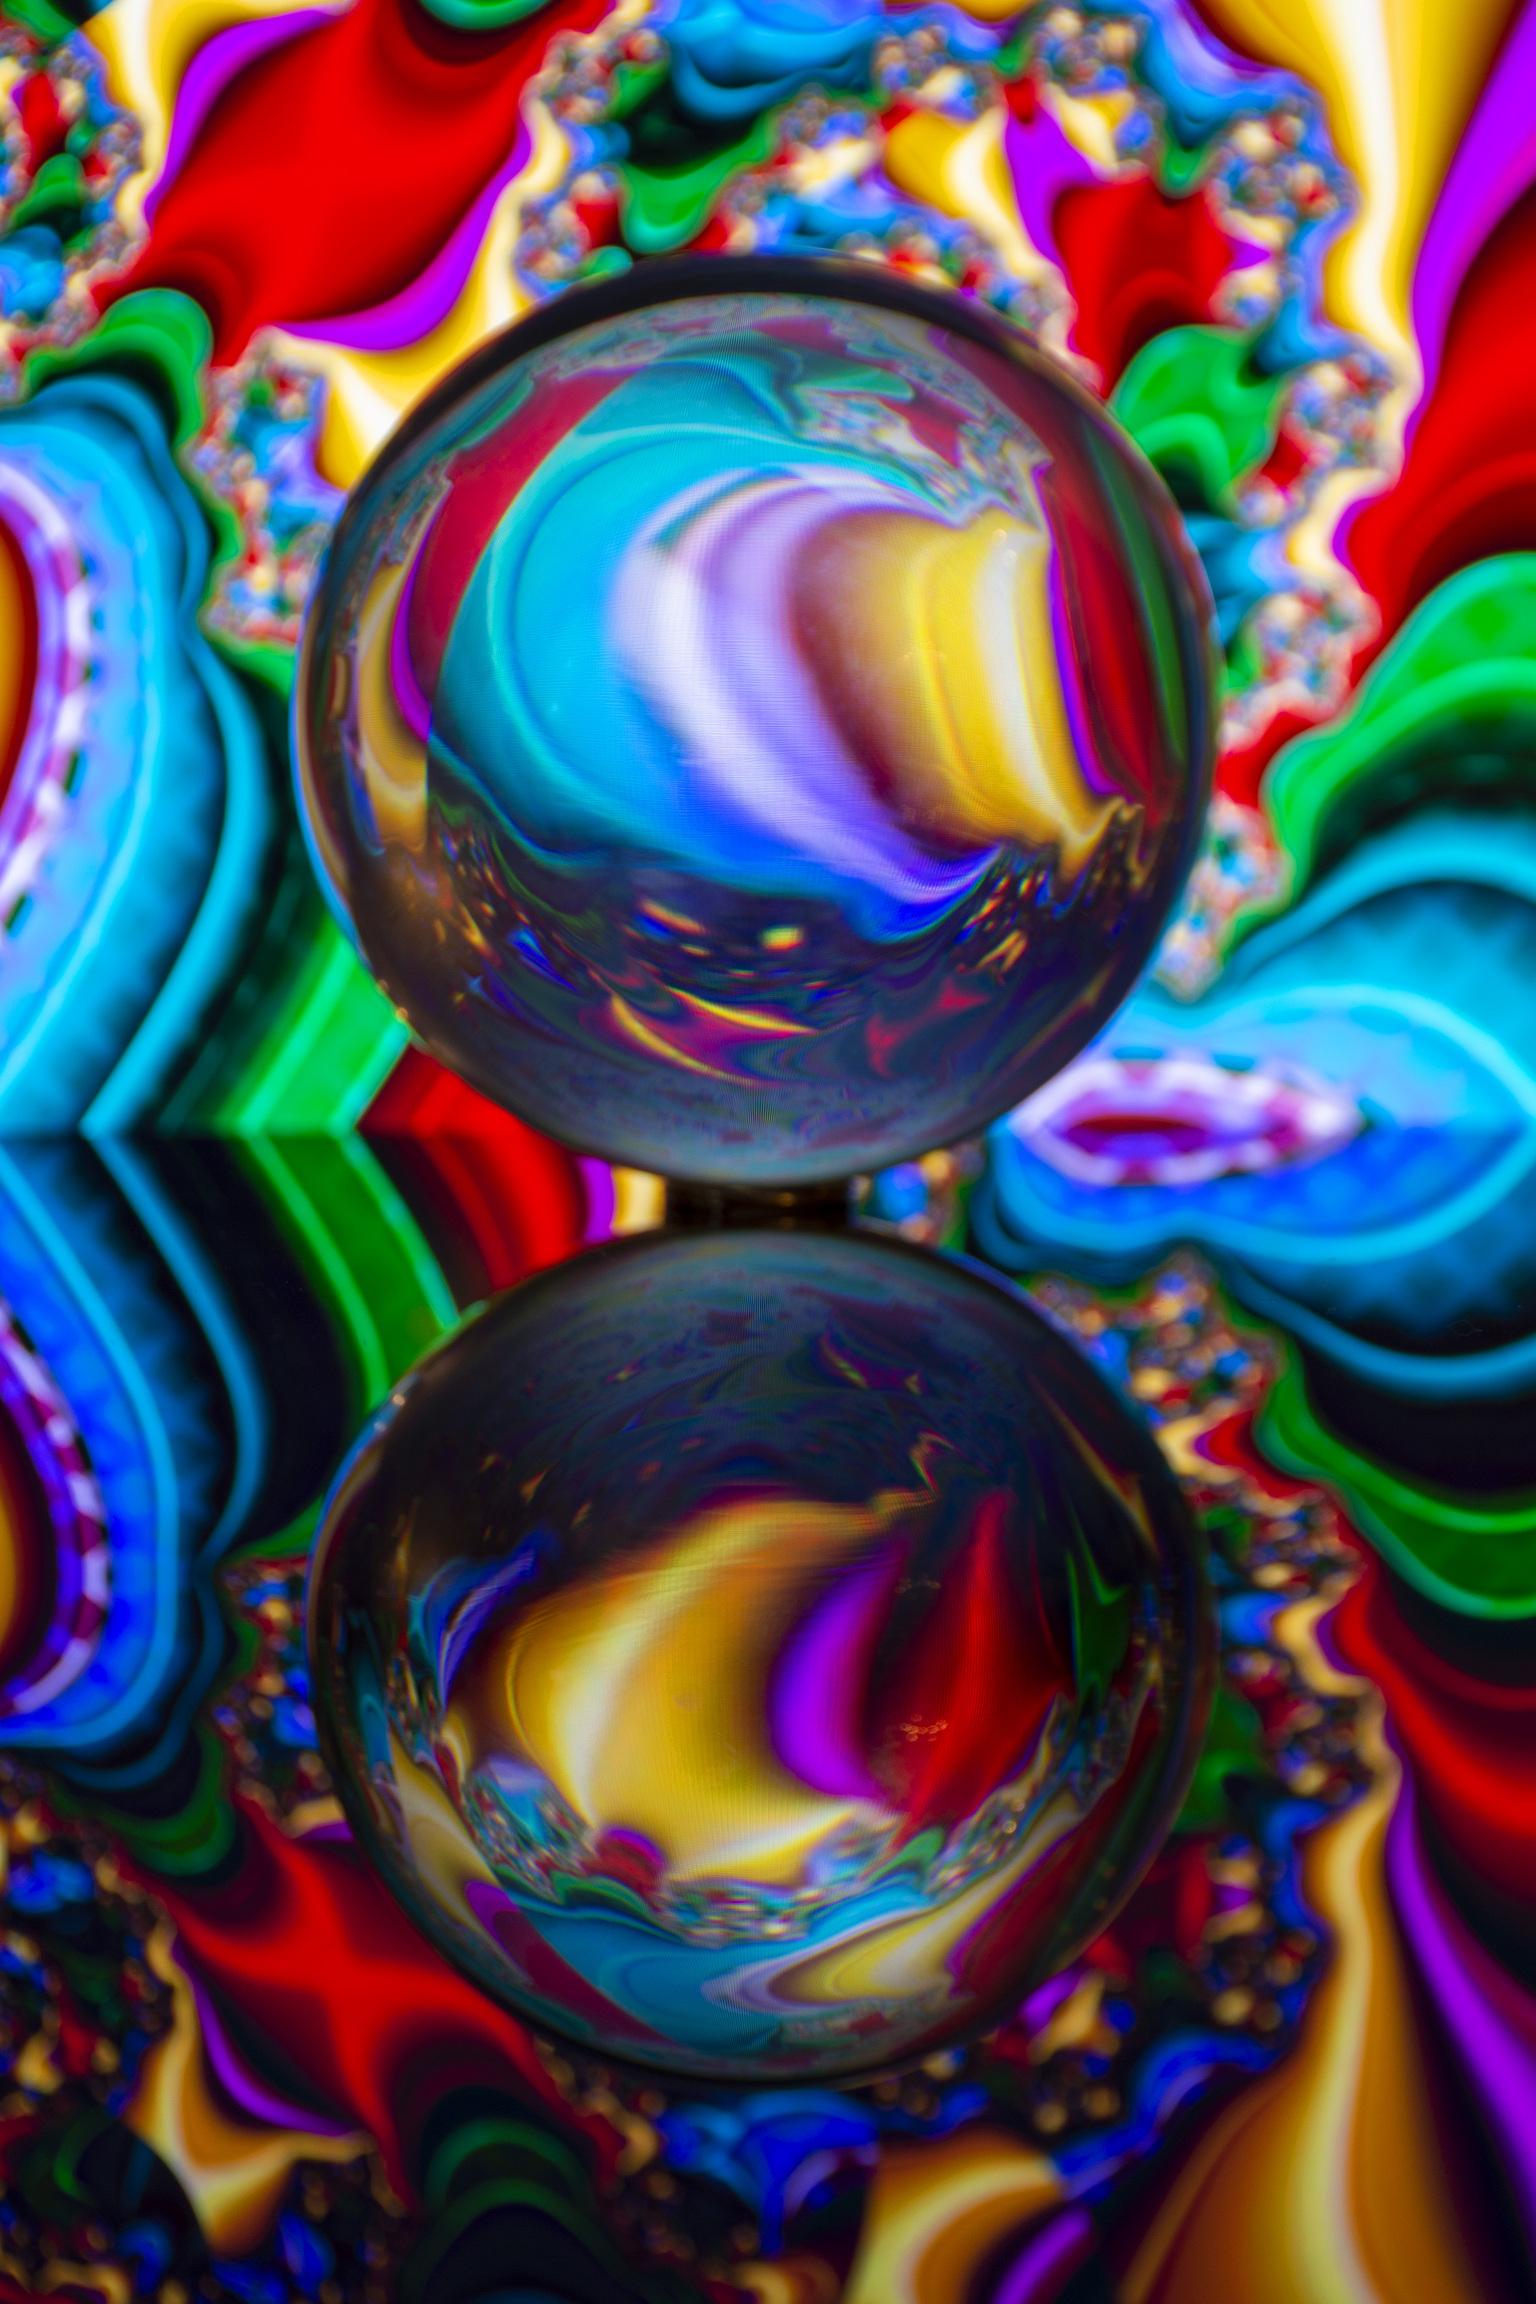 lensbal art - deze foto is met een lensbal gemaakt, de achtergrond is mijn laptop. - foto door jeanet1971 op 10-04-2021 - locatie: 3155 Maasland, Nederland - deze foto bevat: kleurrijkheid, licht, water, vloeistof, plantkunde, organisme, kunst, magenta, schilderen, cirkel